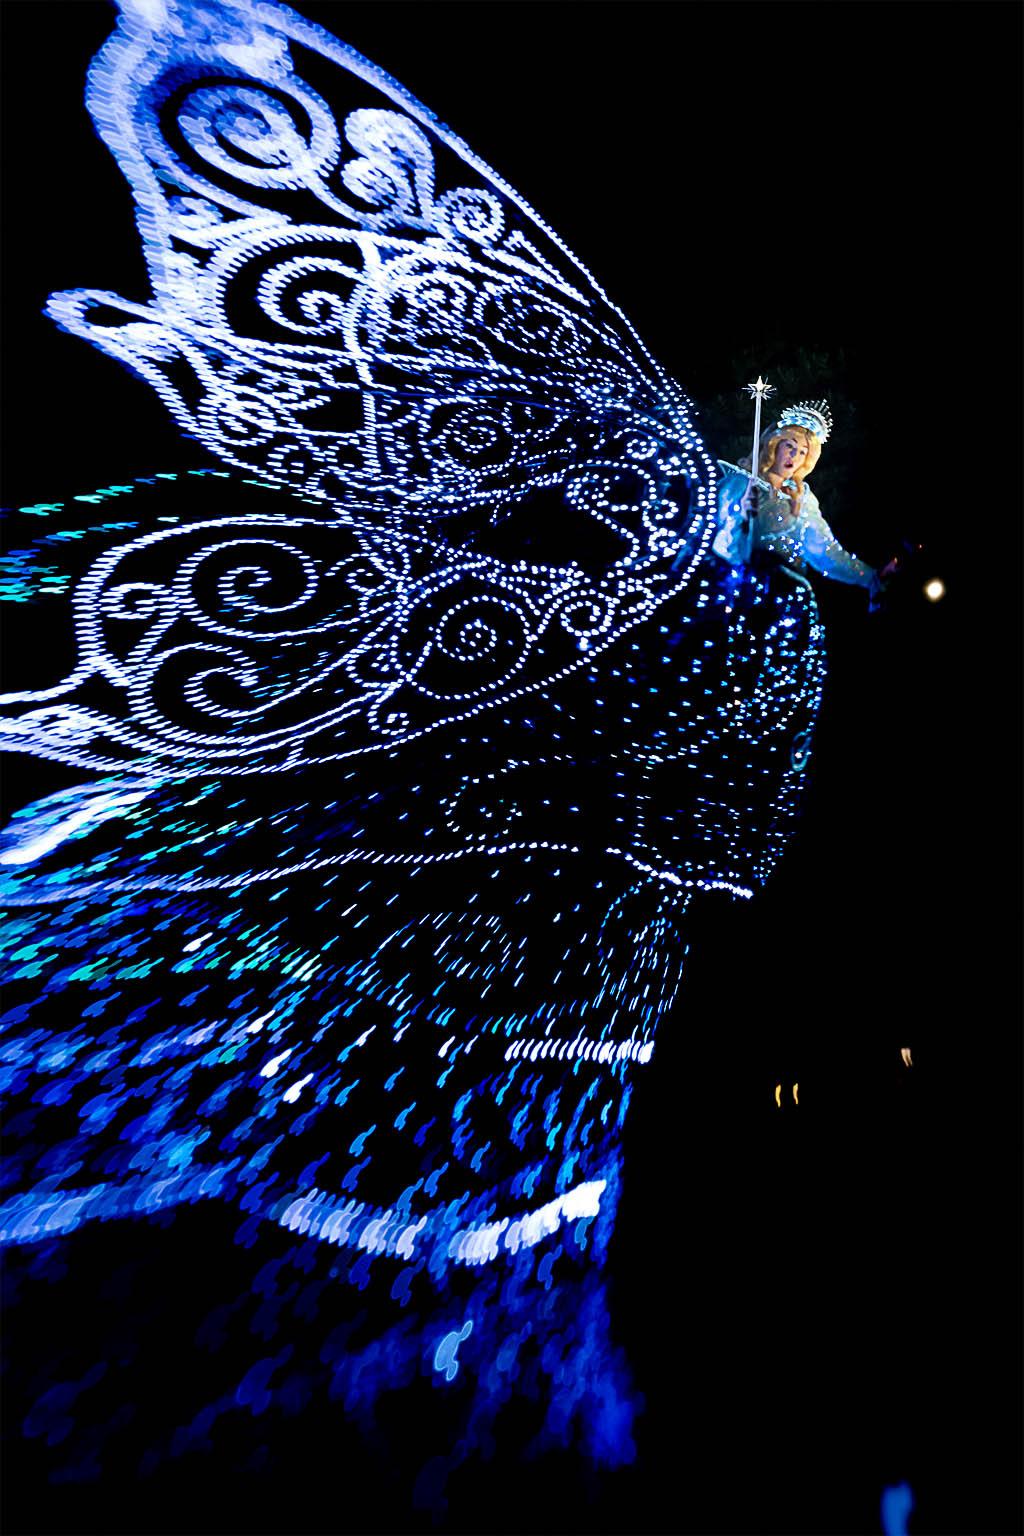 ブルーフェアリーのミッキーシャワー(東京ディズニーランド・エレクトリカルパレード・ドリームライツ)